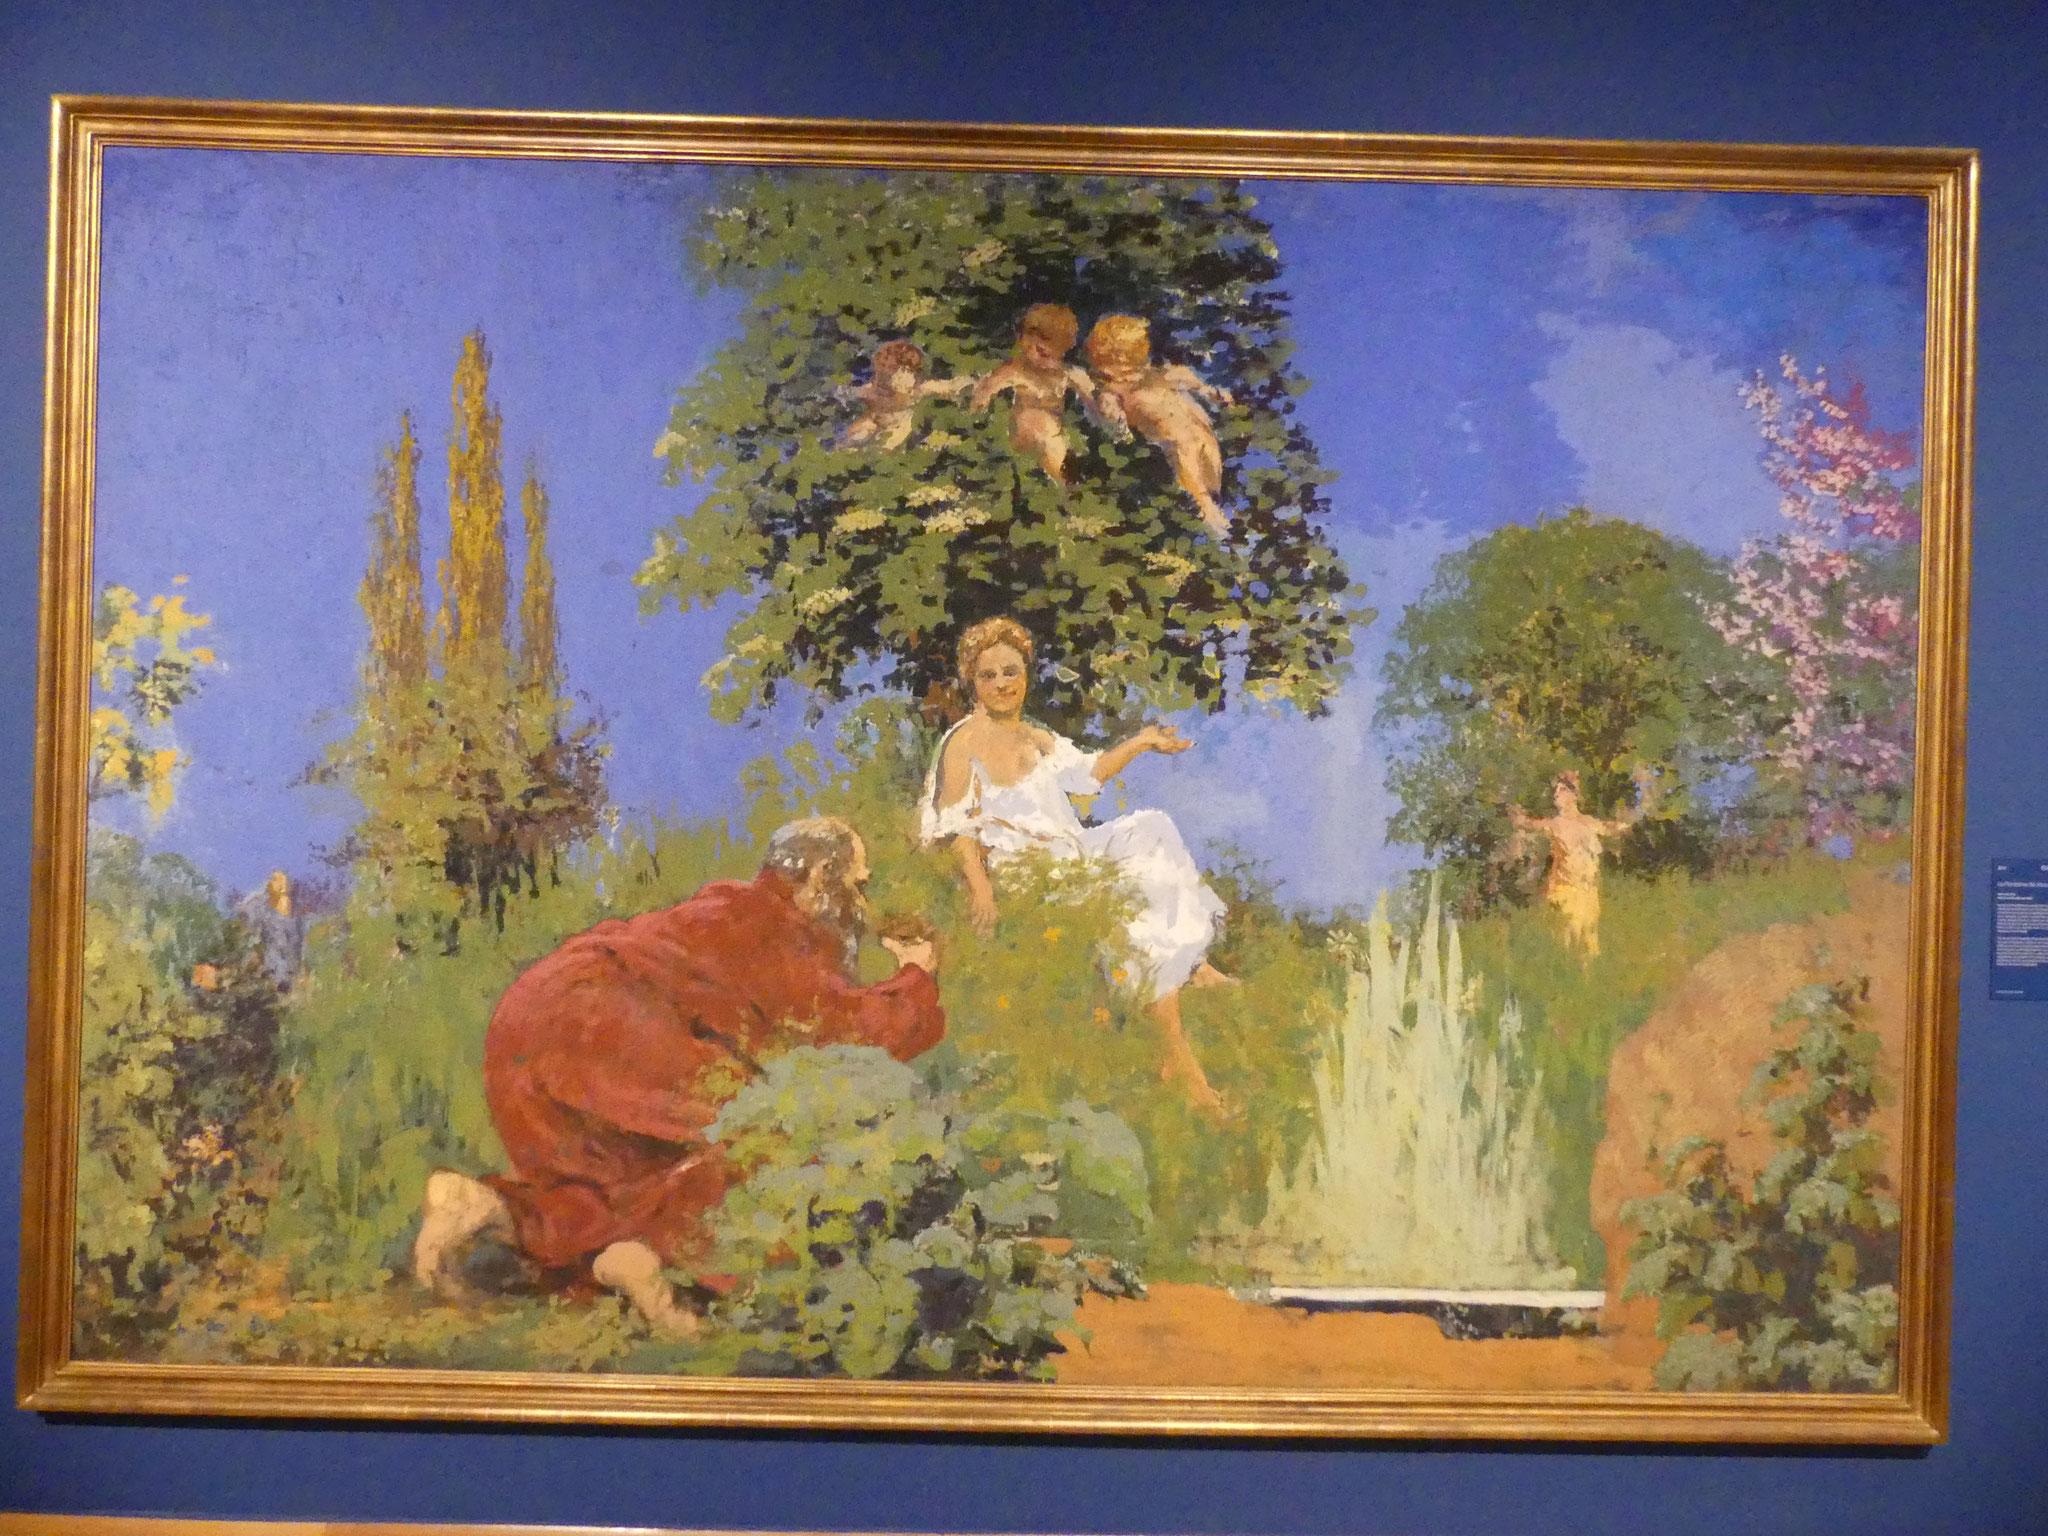 Musée des impressionnistes : KER XAVIER ROUSSEL - La fontaine de Jouvence